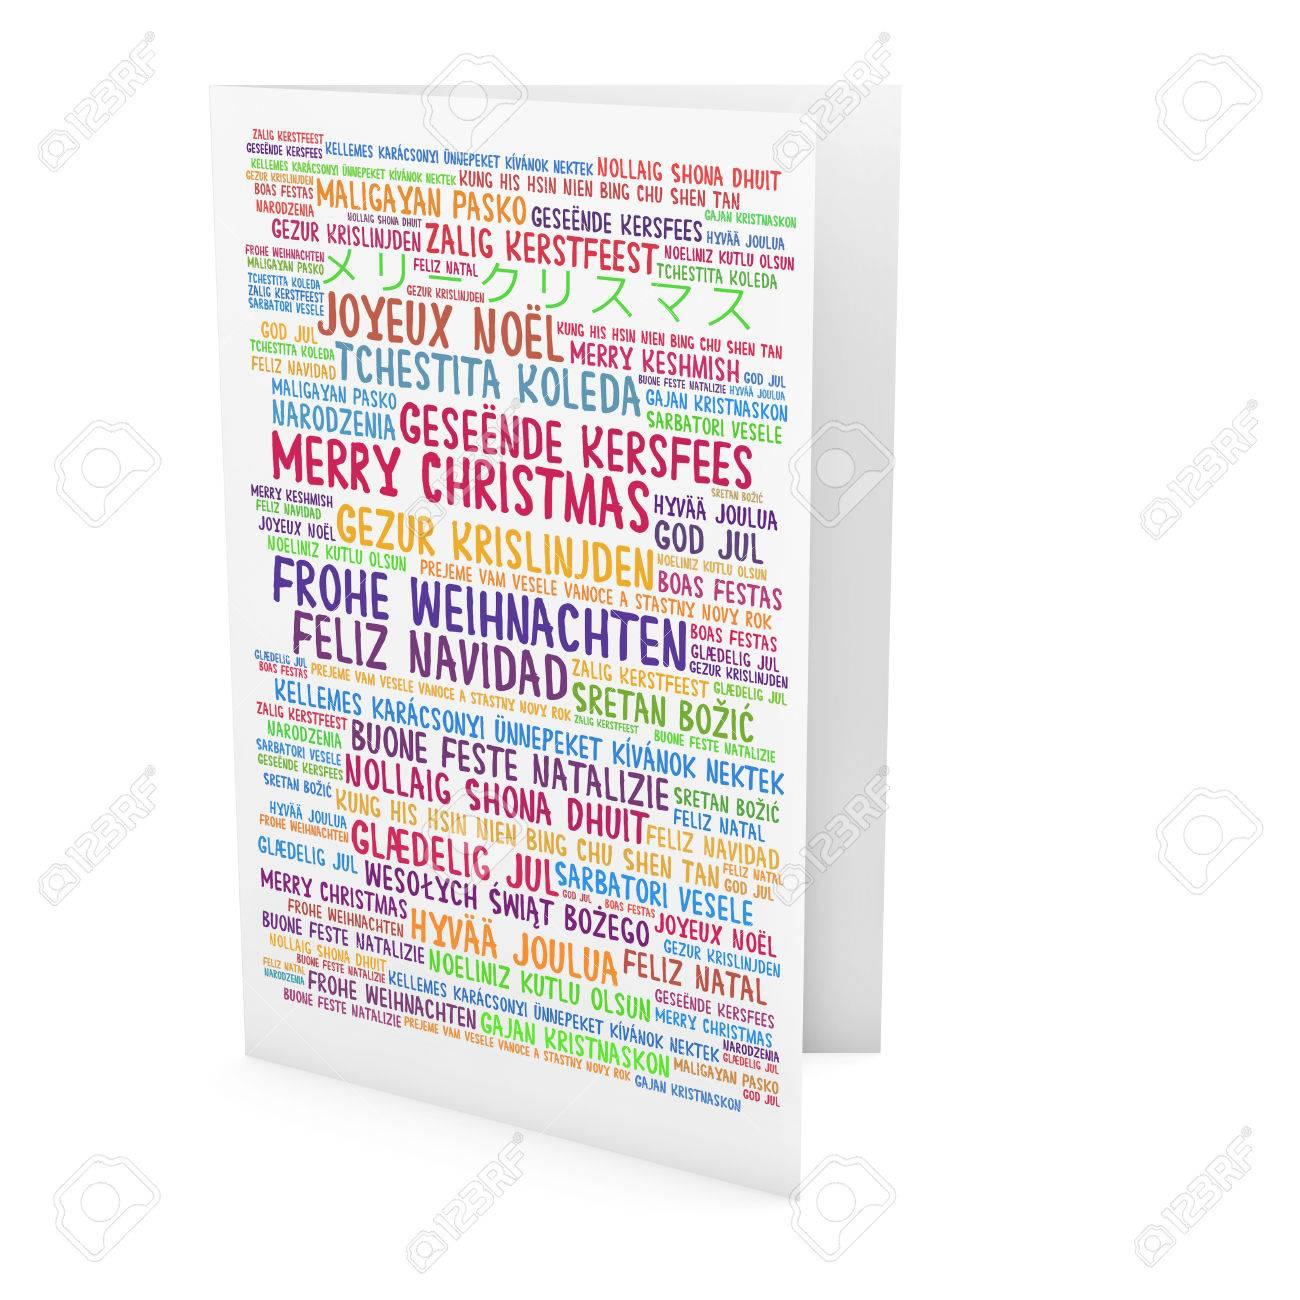 Frohe Weihnachten In Vielen Sprachen.Stock Photo